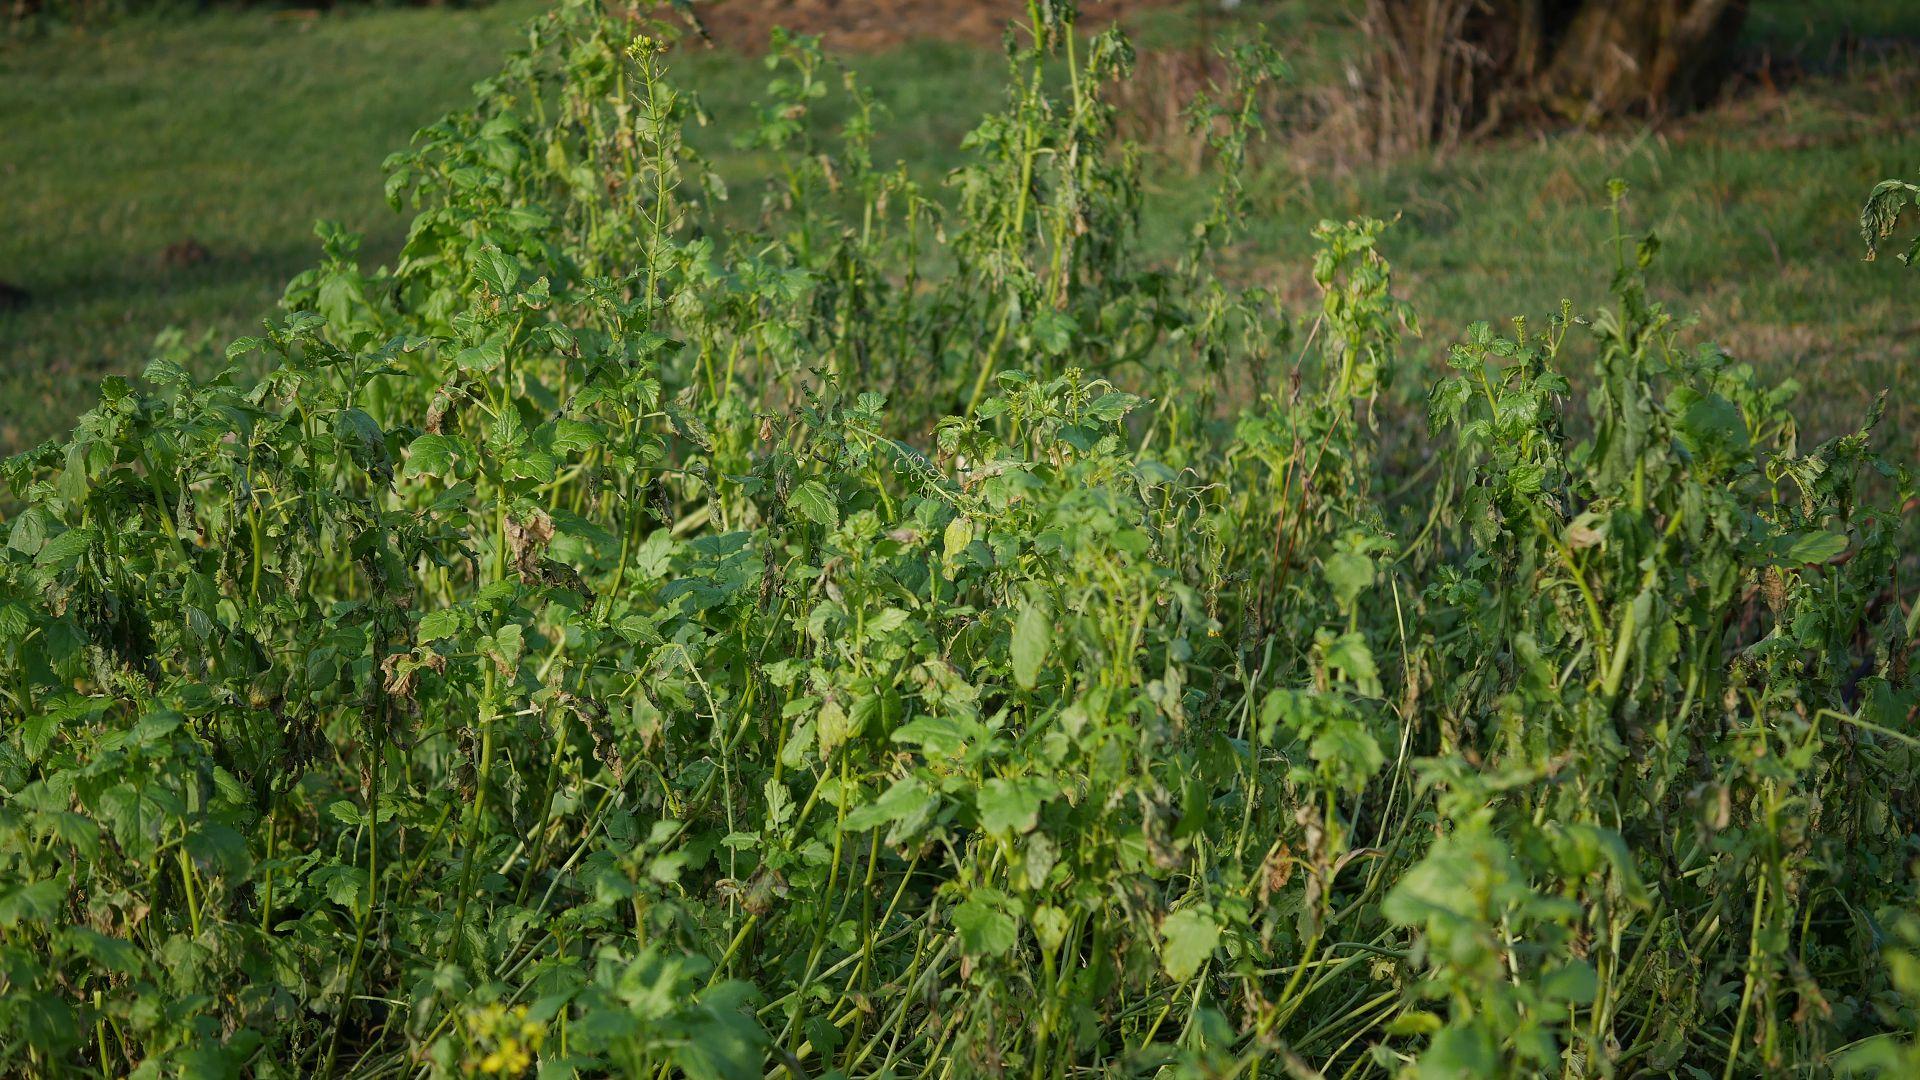 Gründung Senf Hügelbeet Hügelbeet Erfahrungen Hügelbeet Aufbau Hügelbeet anlegen Hügelbeet im Garten Gartenabfall wieder verwenden Hügelbeet Vorteile Hügelbeet Permakultur